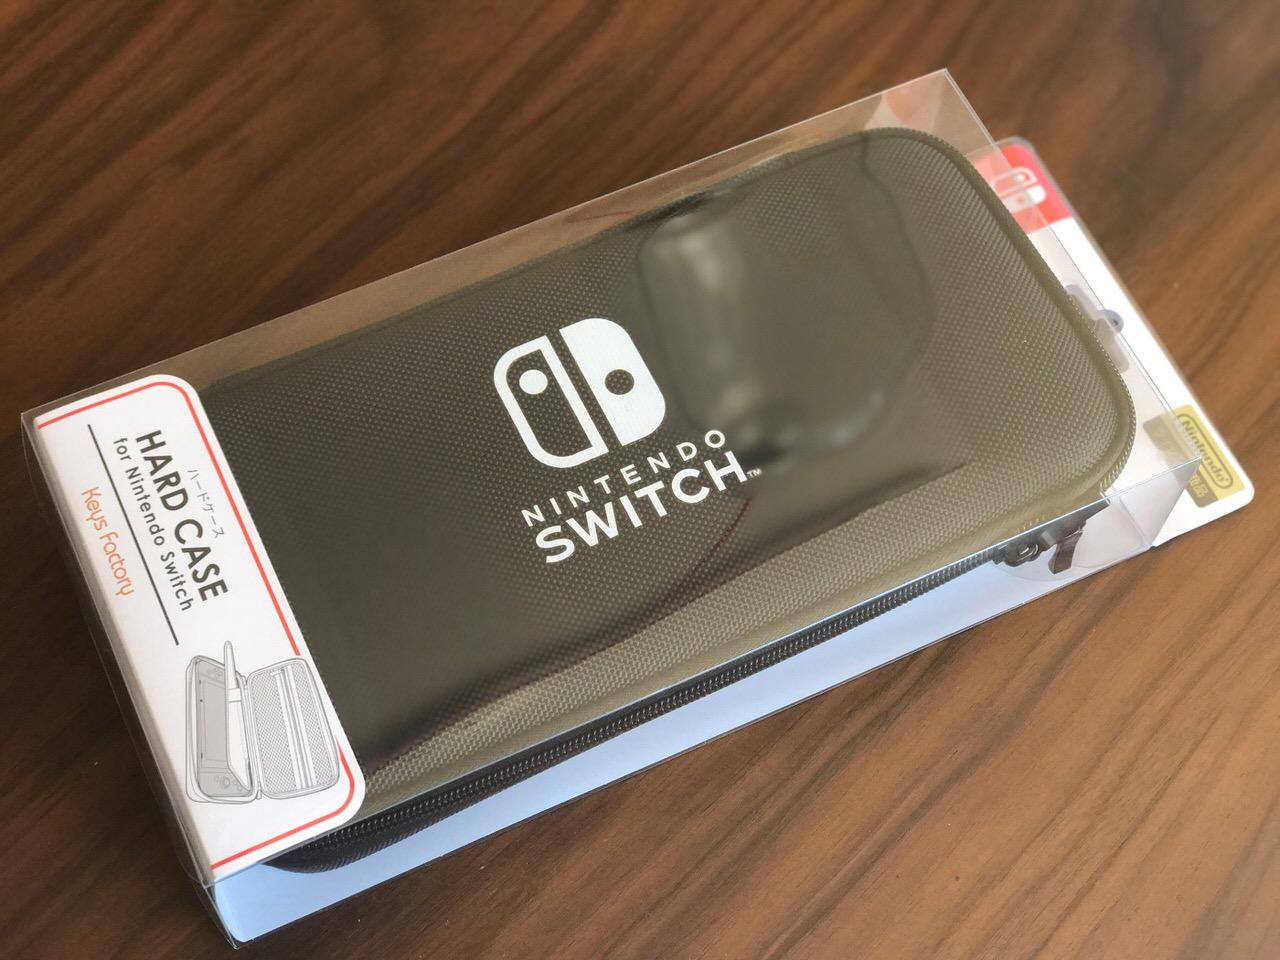 【スイッチ】ニンテンドースイッチ(Nintendo Switch)用のハードケースを試してみた感想